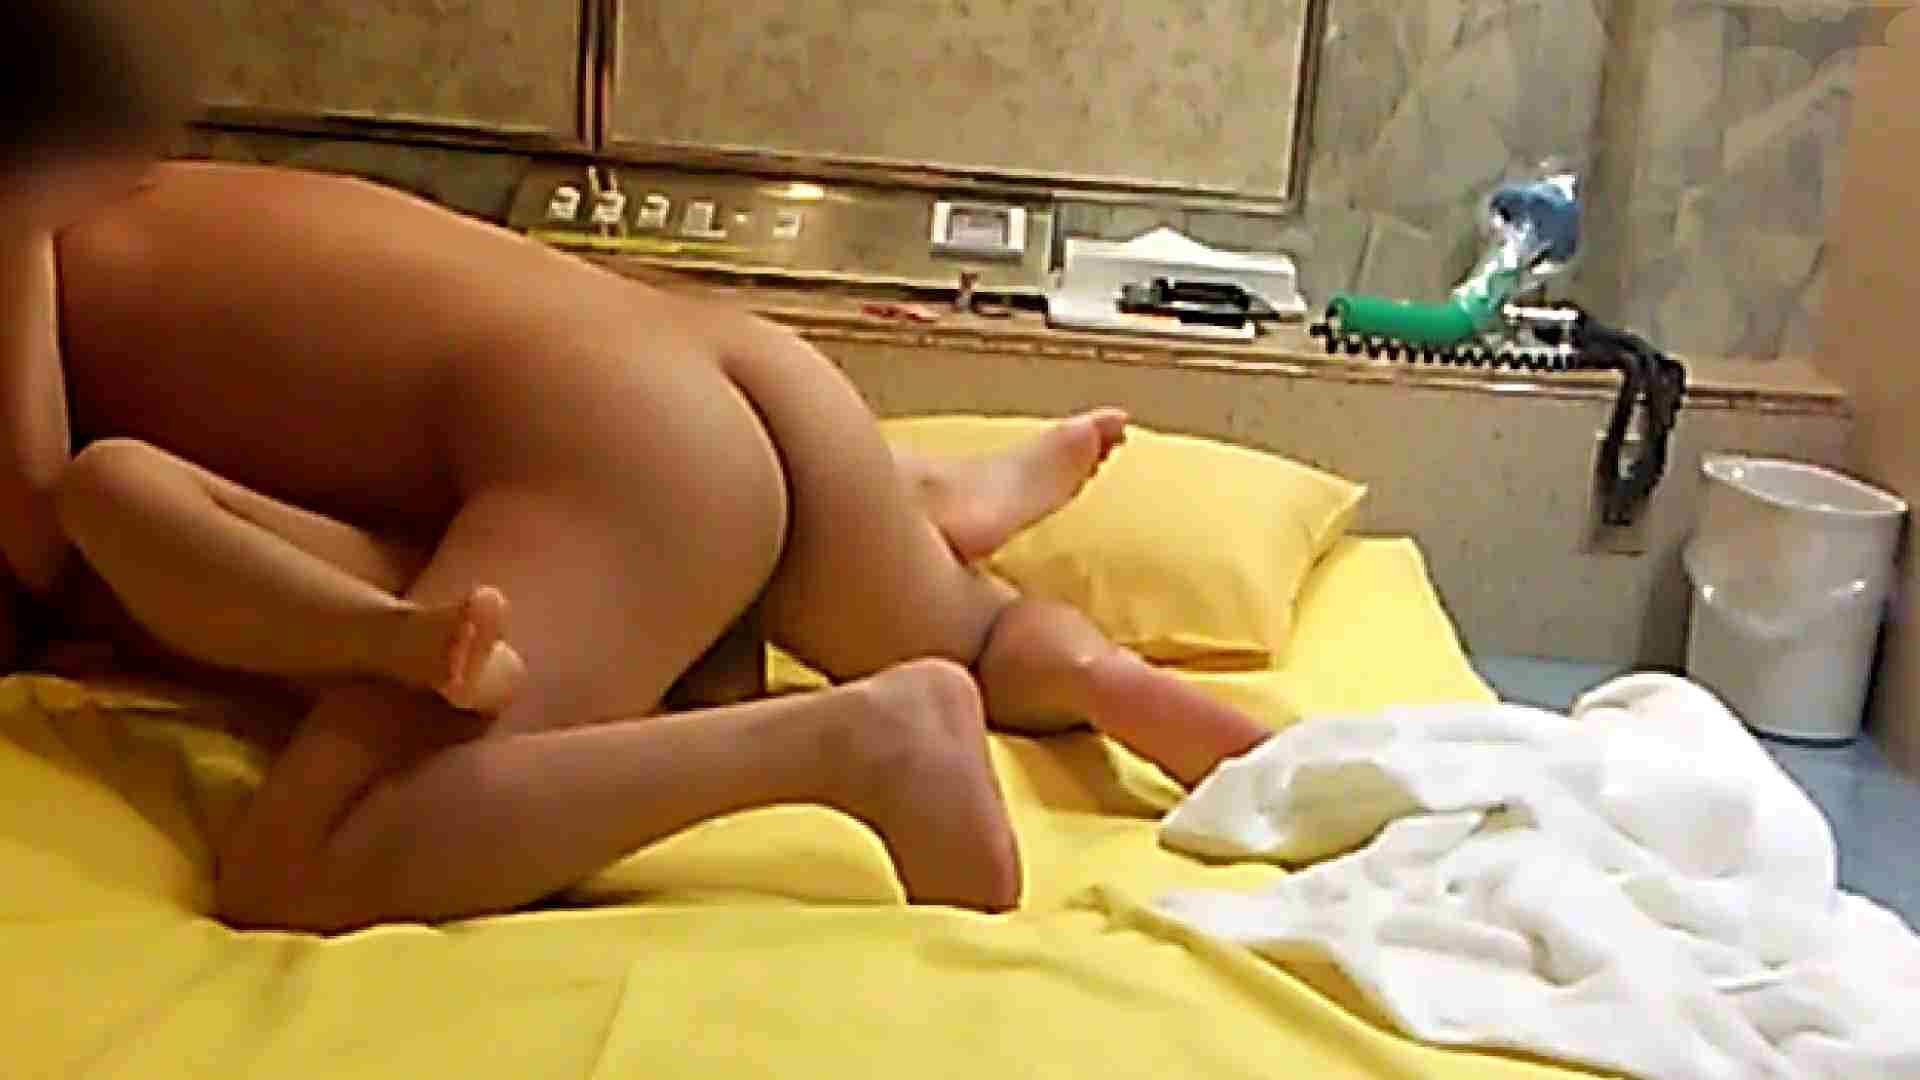 セックス覗き見ホテル Vol.01 素人・盗撮 エロ画像 101枚 96